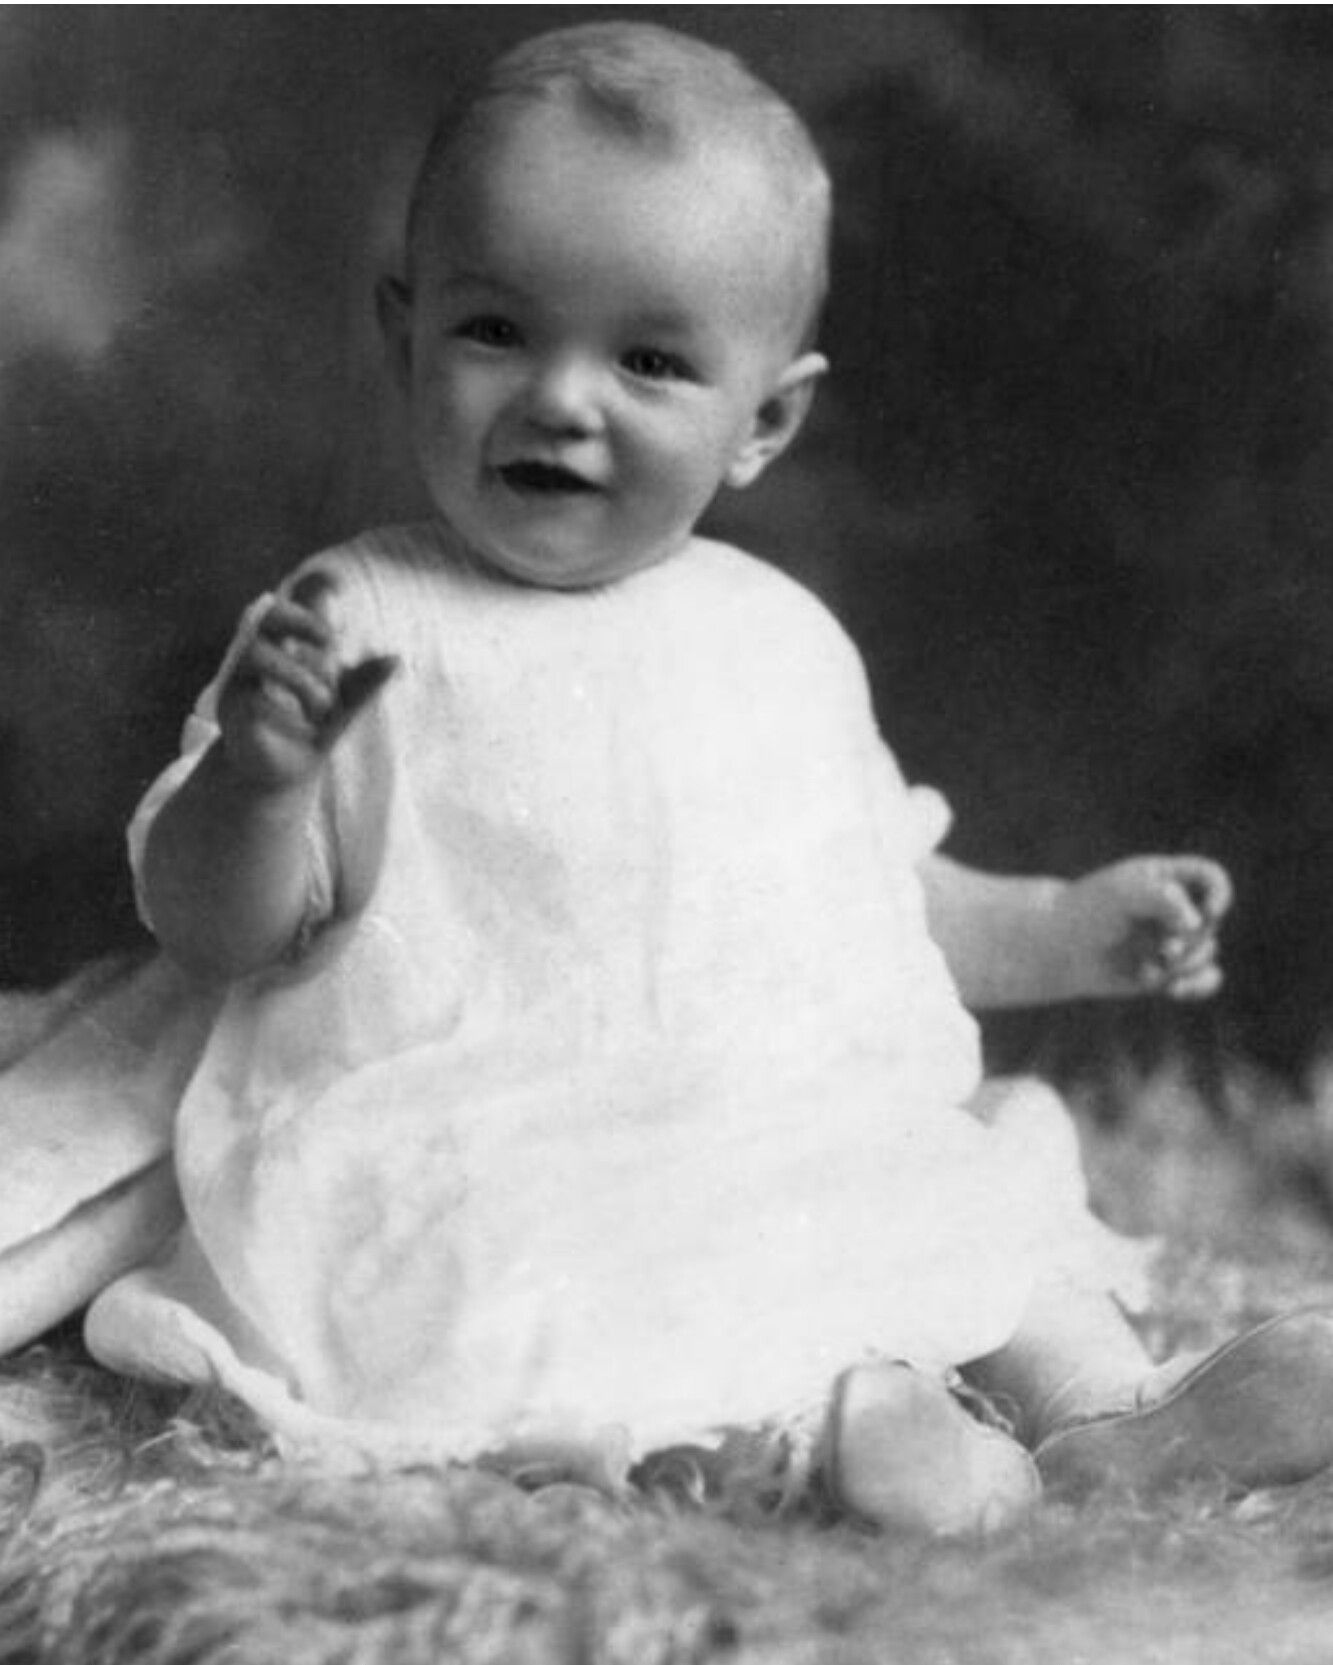 मर्लिन मुनरो का बच्चा